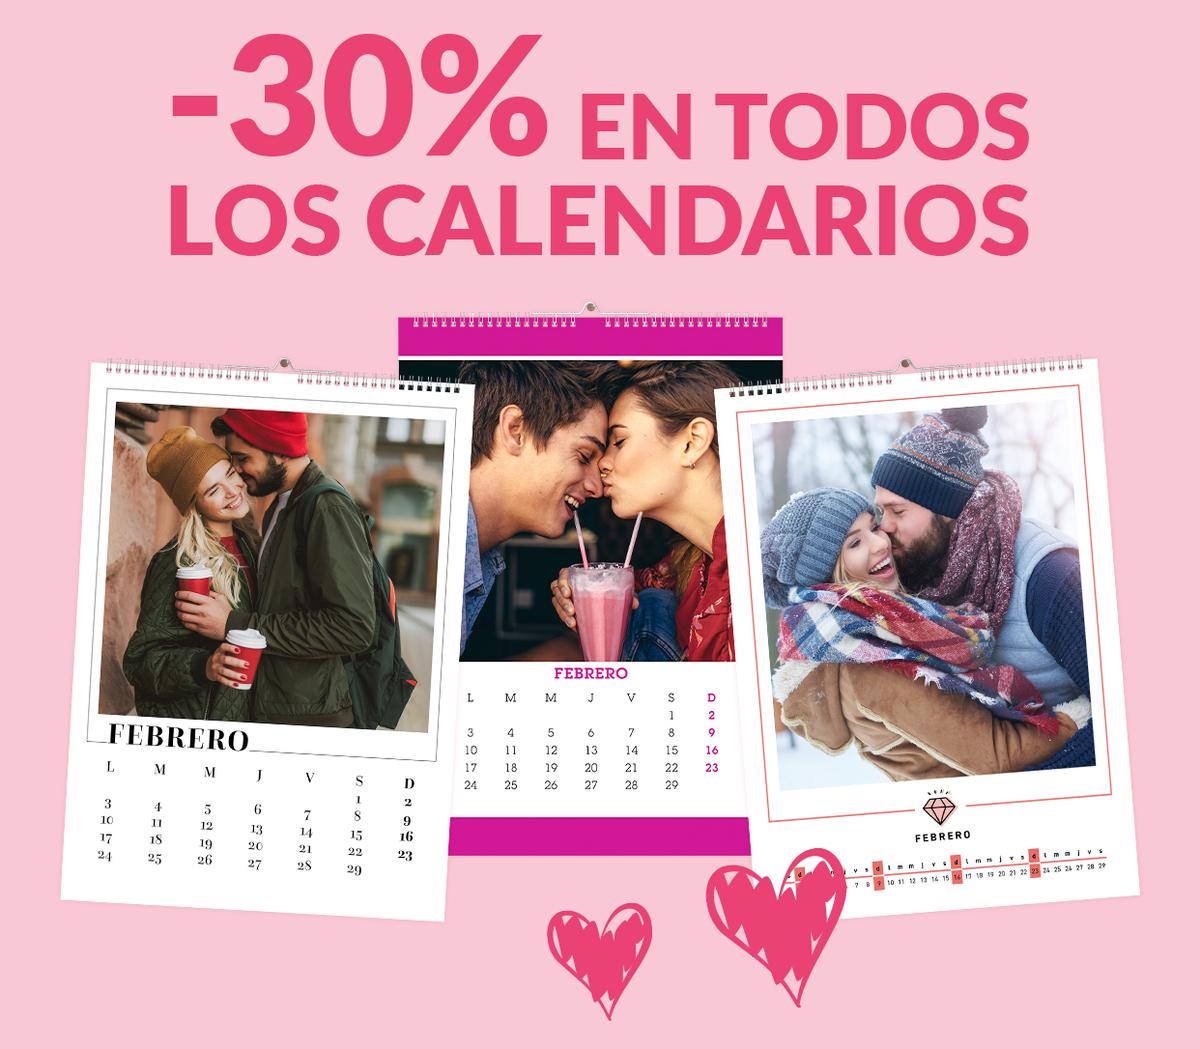 -30% en todos los Calendarios